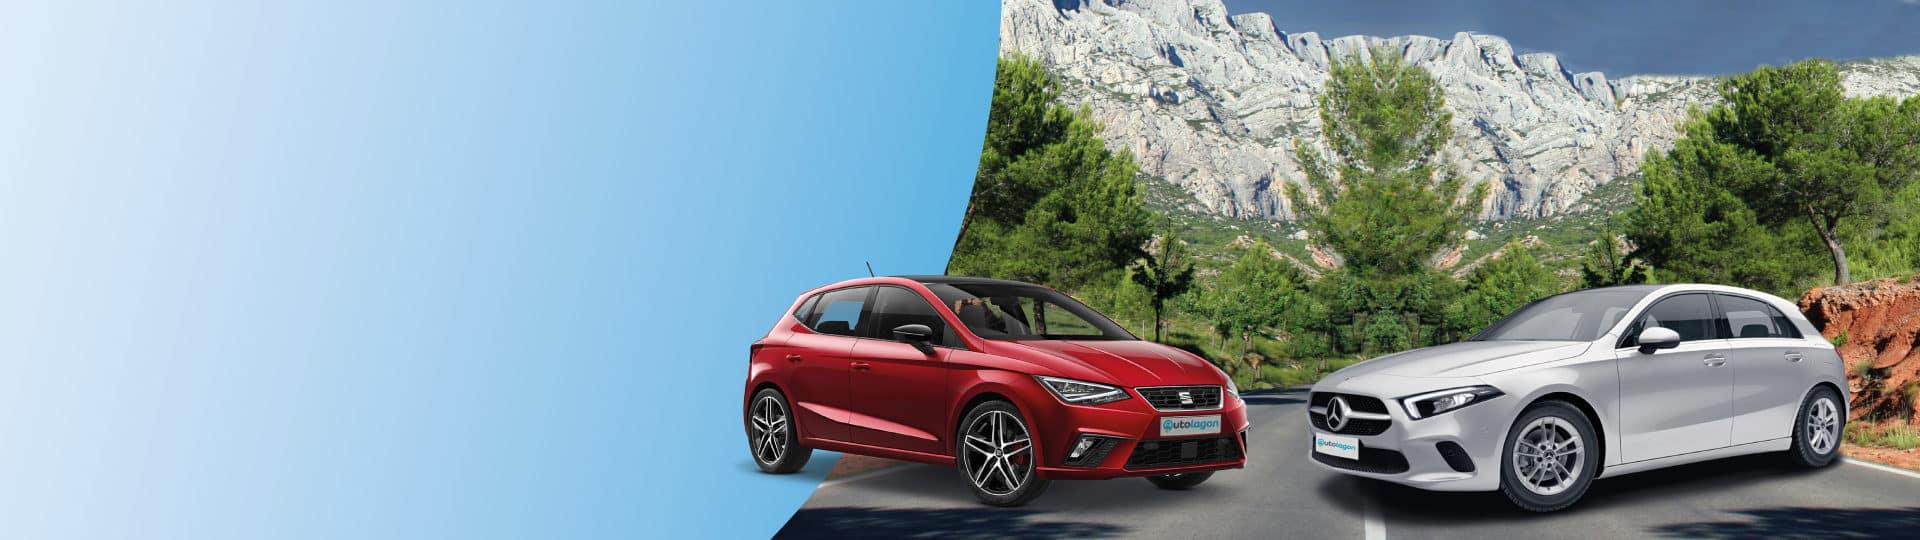 Réservez votre voiture de location au meilleur prix à Aix en Provence